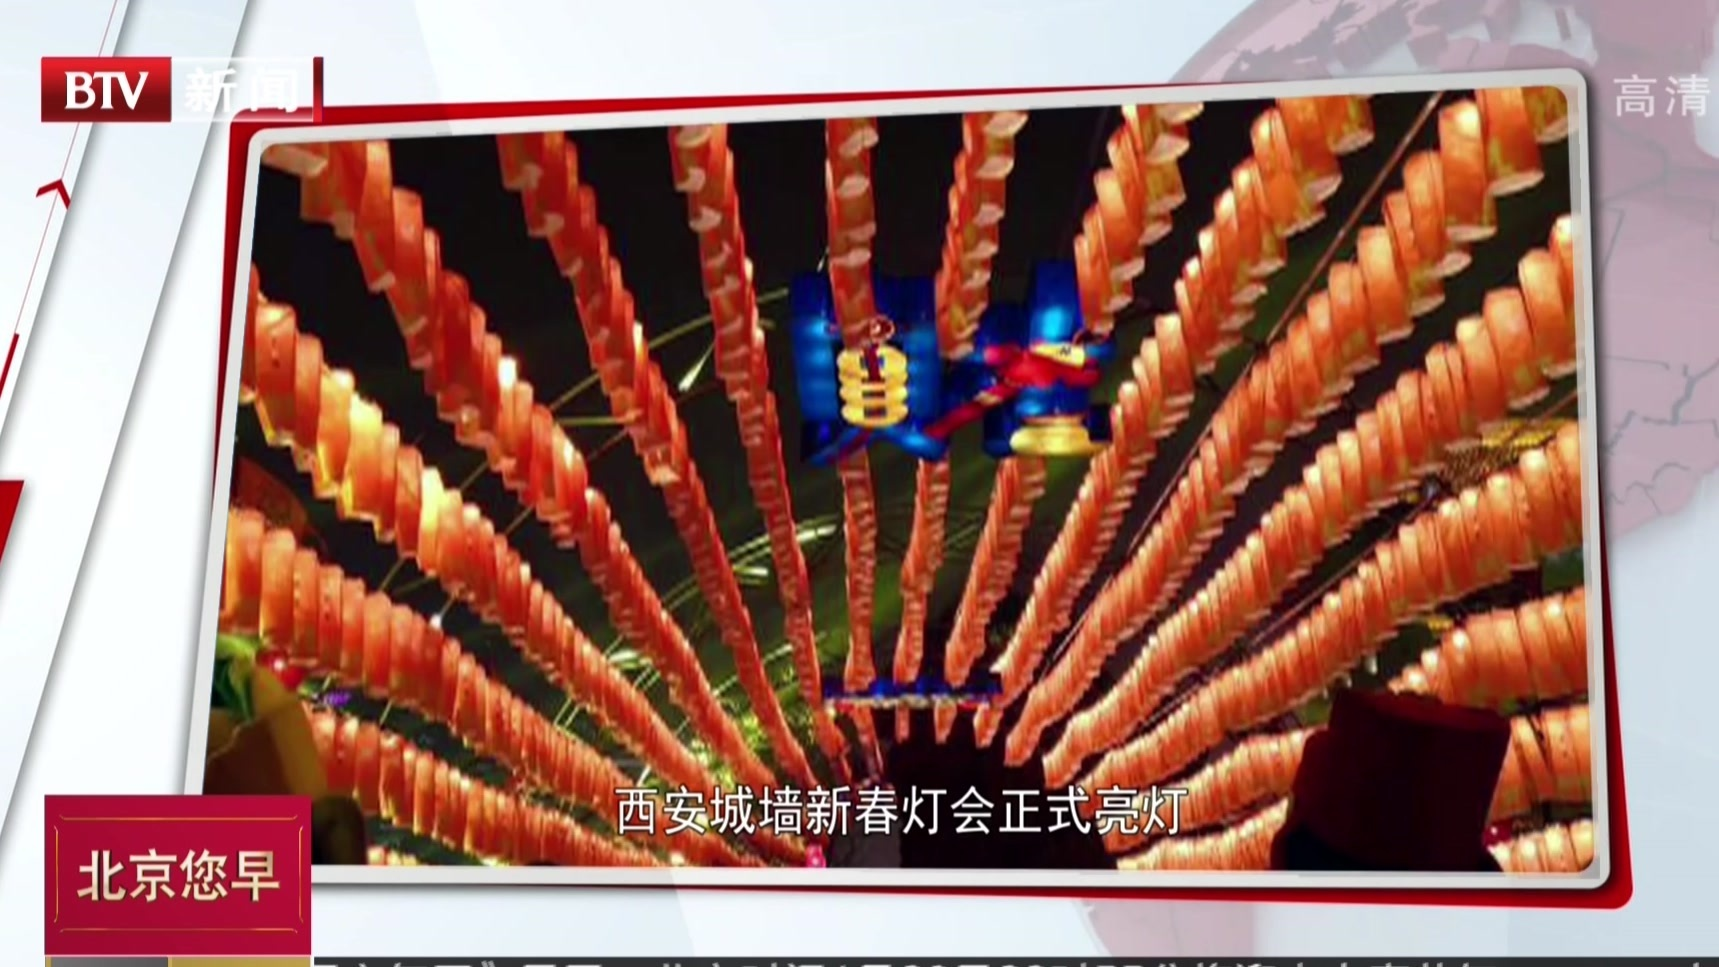 西安城墙新春灯会正式亮灯